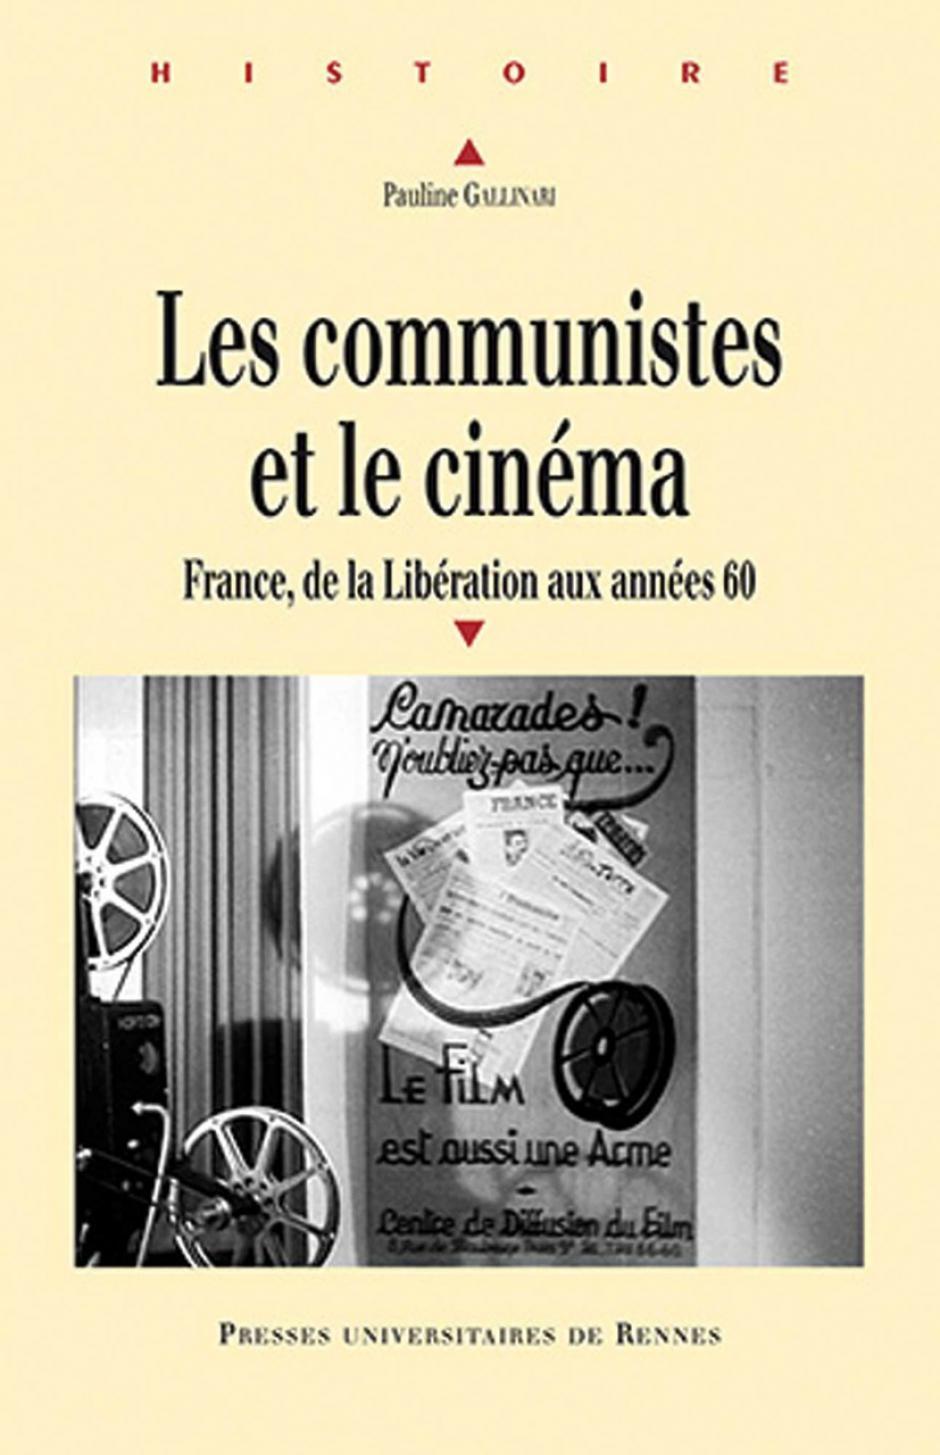 Les Communistes et le cinéma. France, de la Libération aux années 1960, Pauline Gallinari